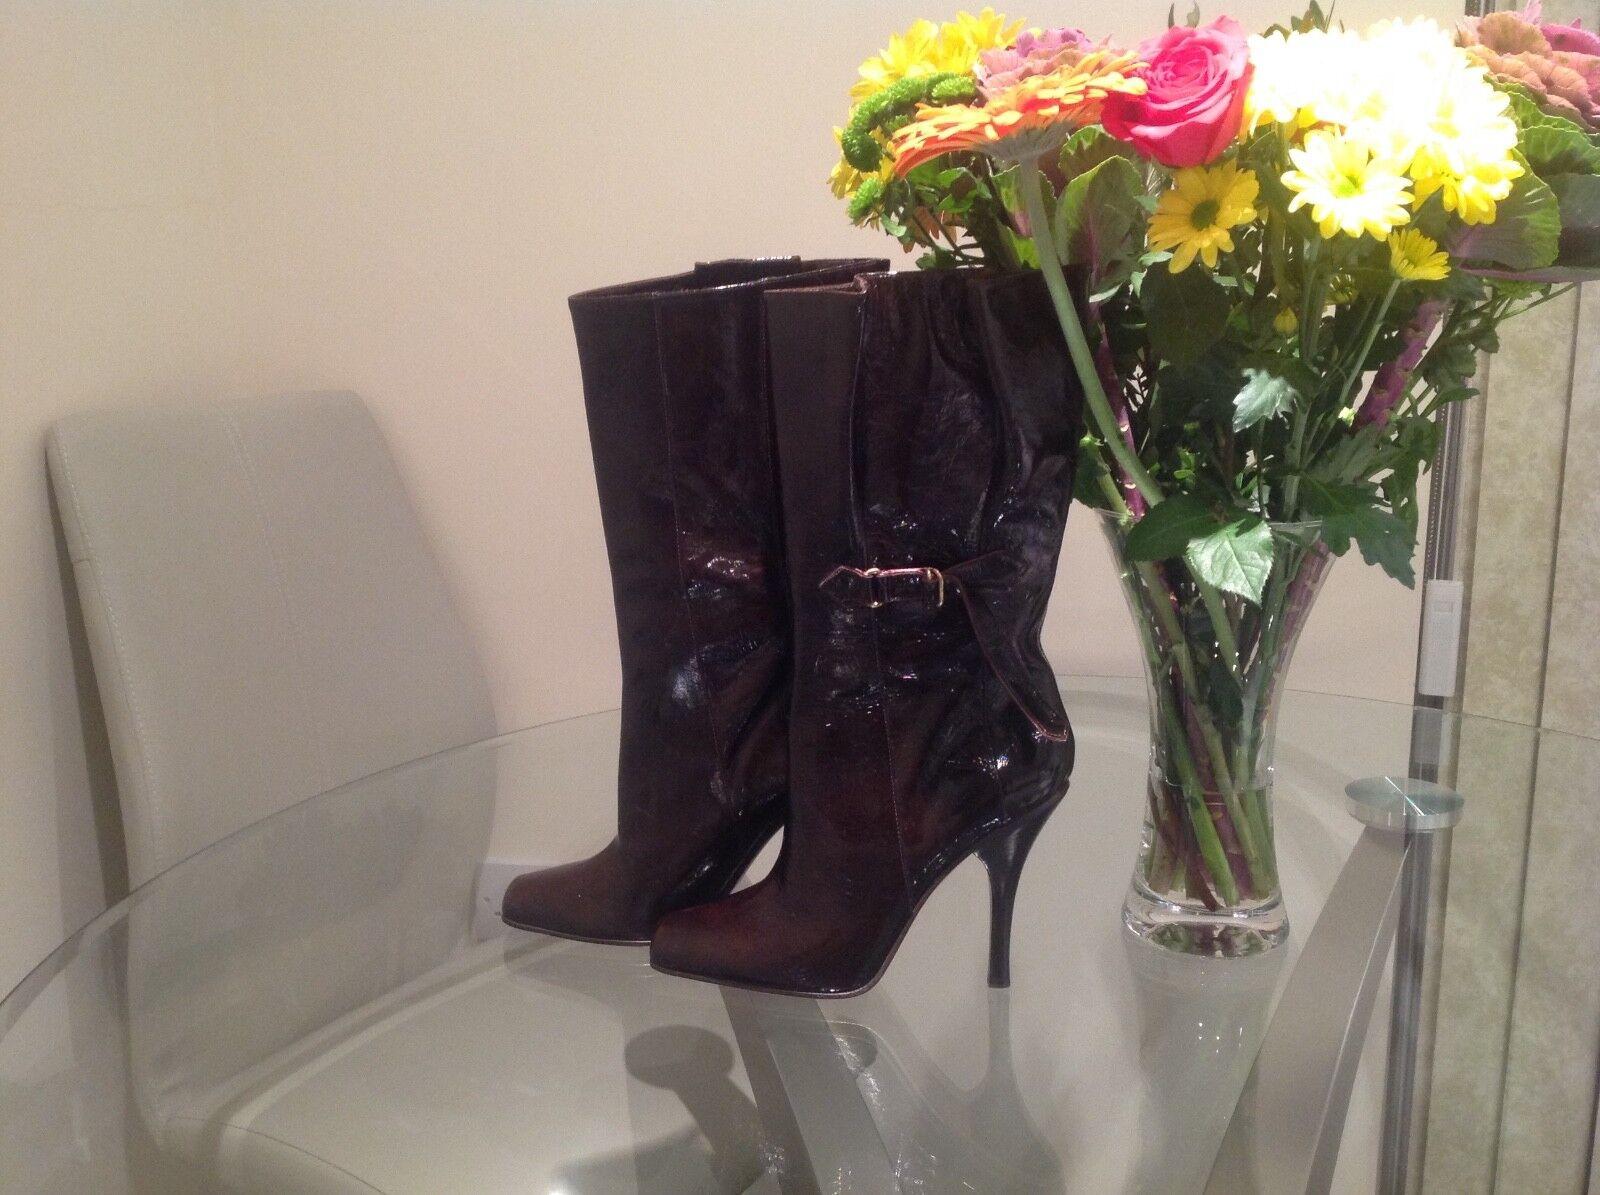 Jimmy Choo Nuevo Nuevo Nuevo auténtico Cuero Patente botas talla 38 EU 4.5 UK 4f2d23